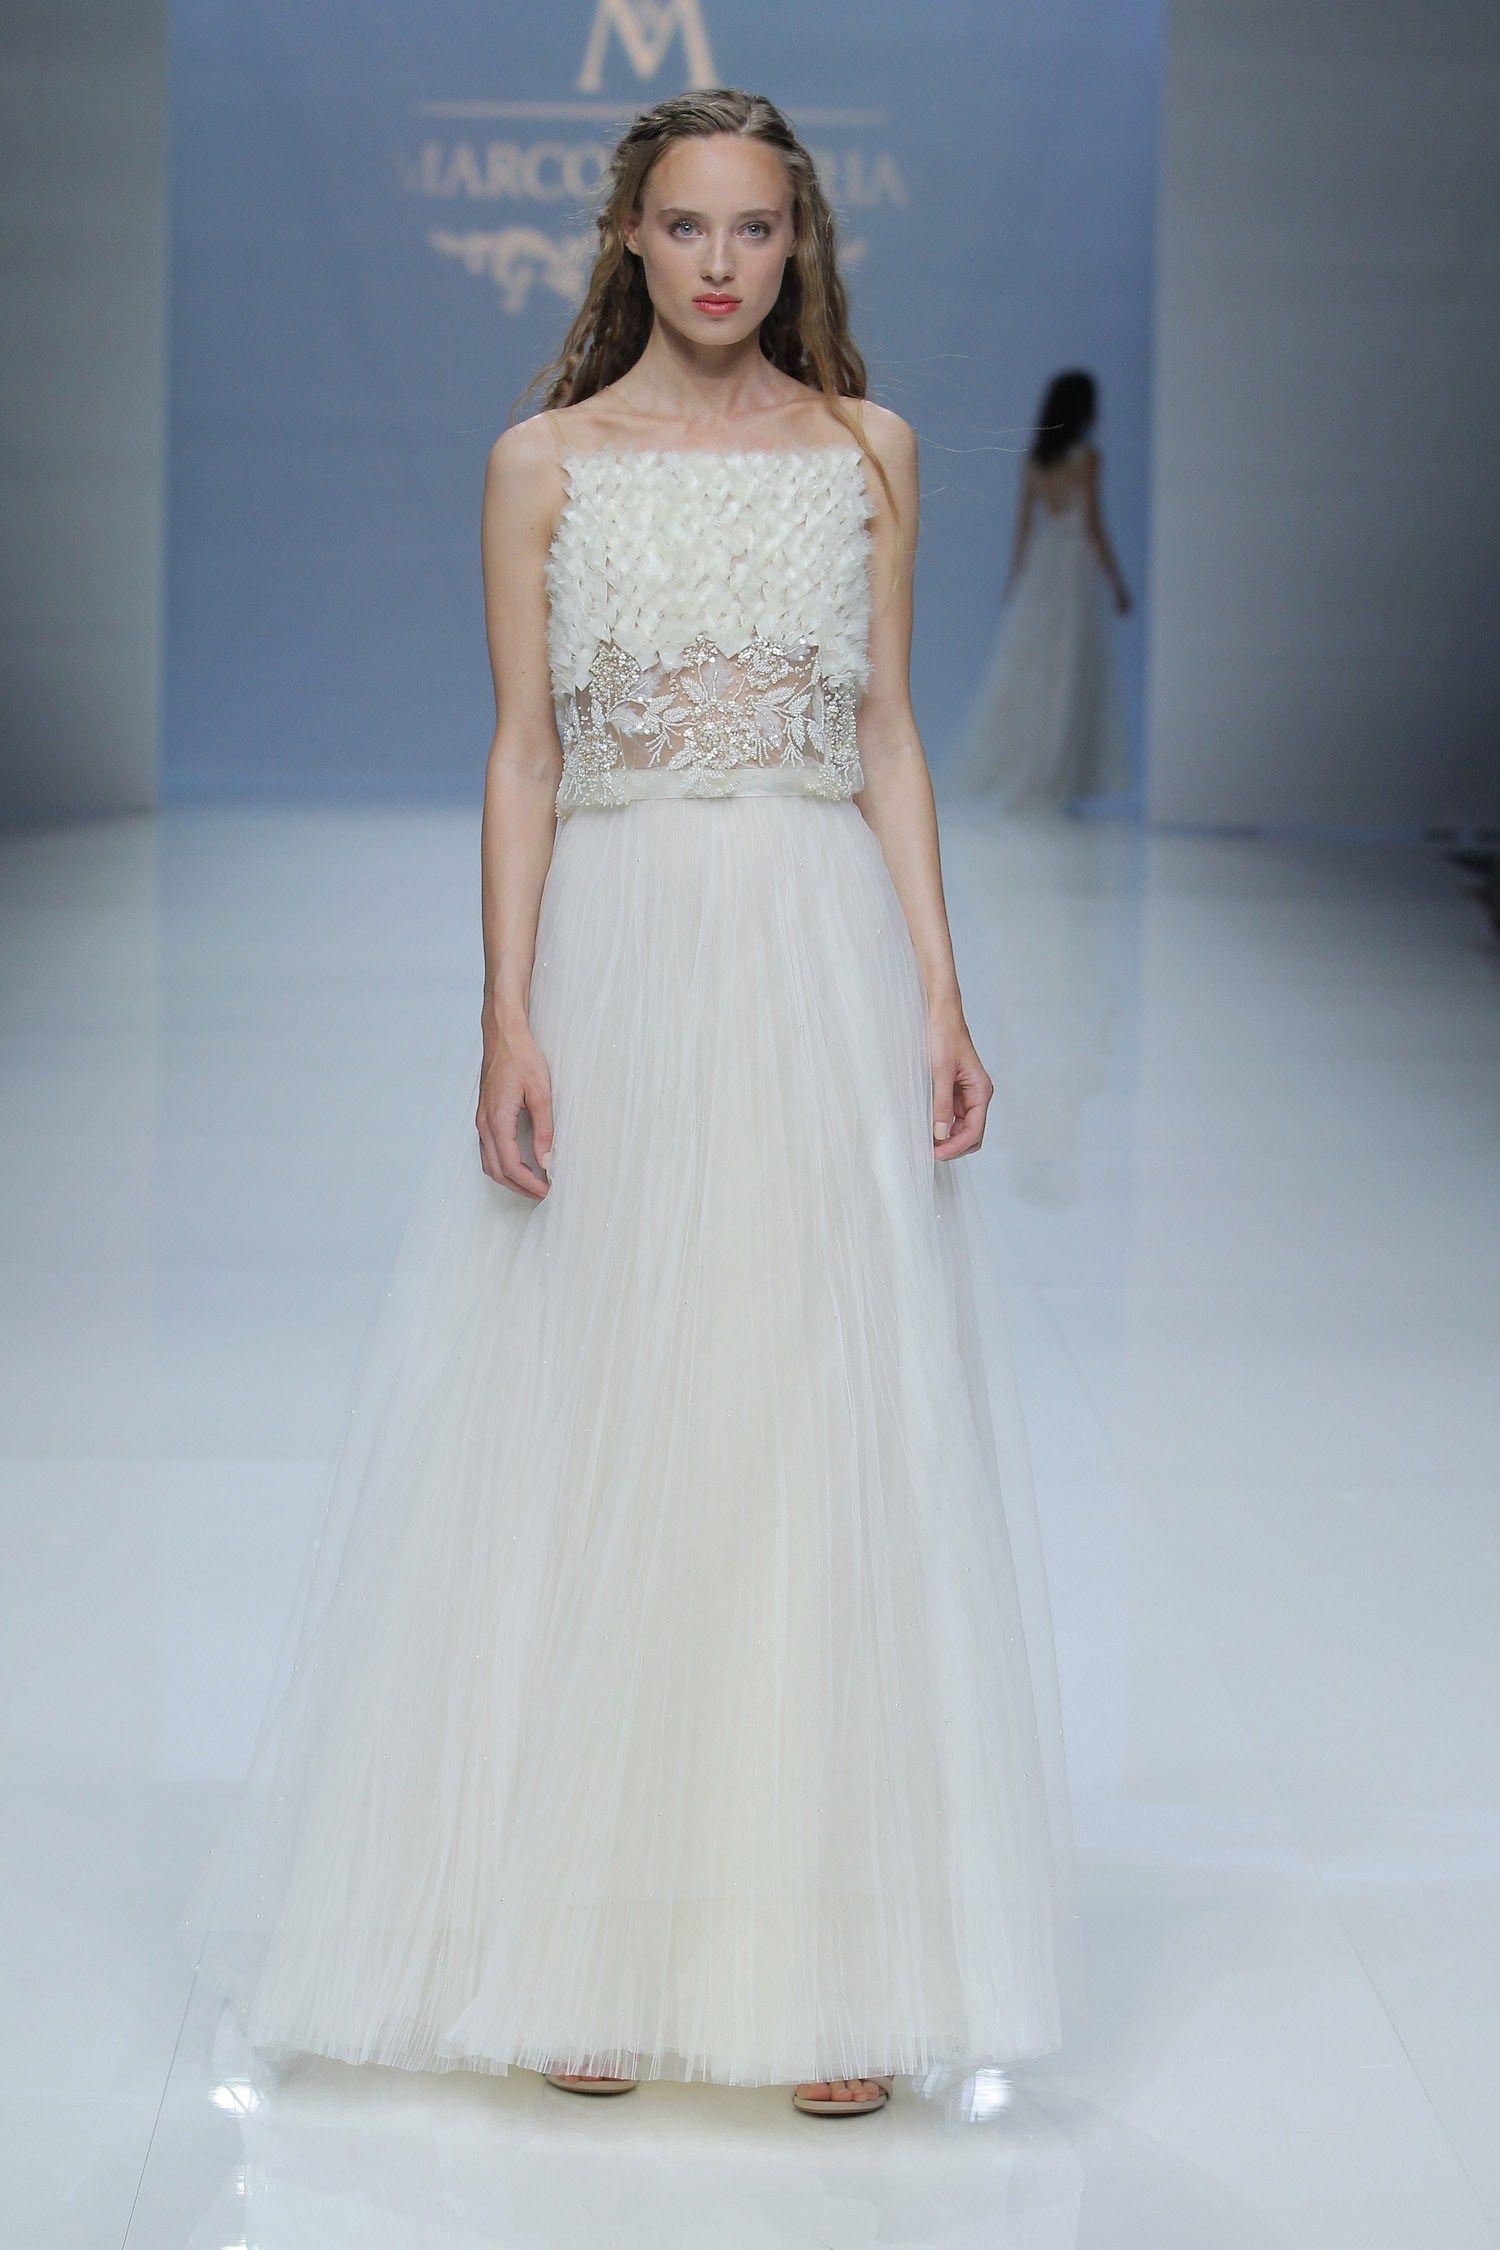 Marco & María 2019: Los vestidos más lindos ¡aquí y ahora!